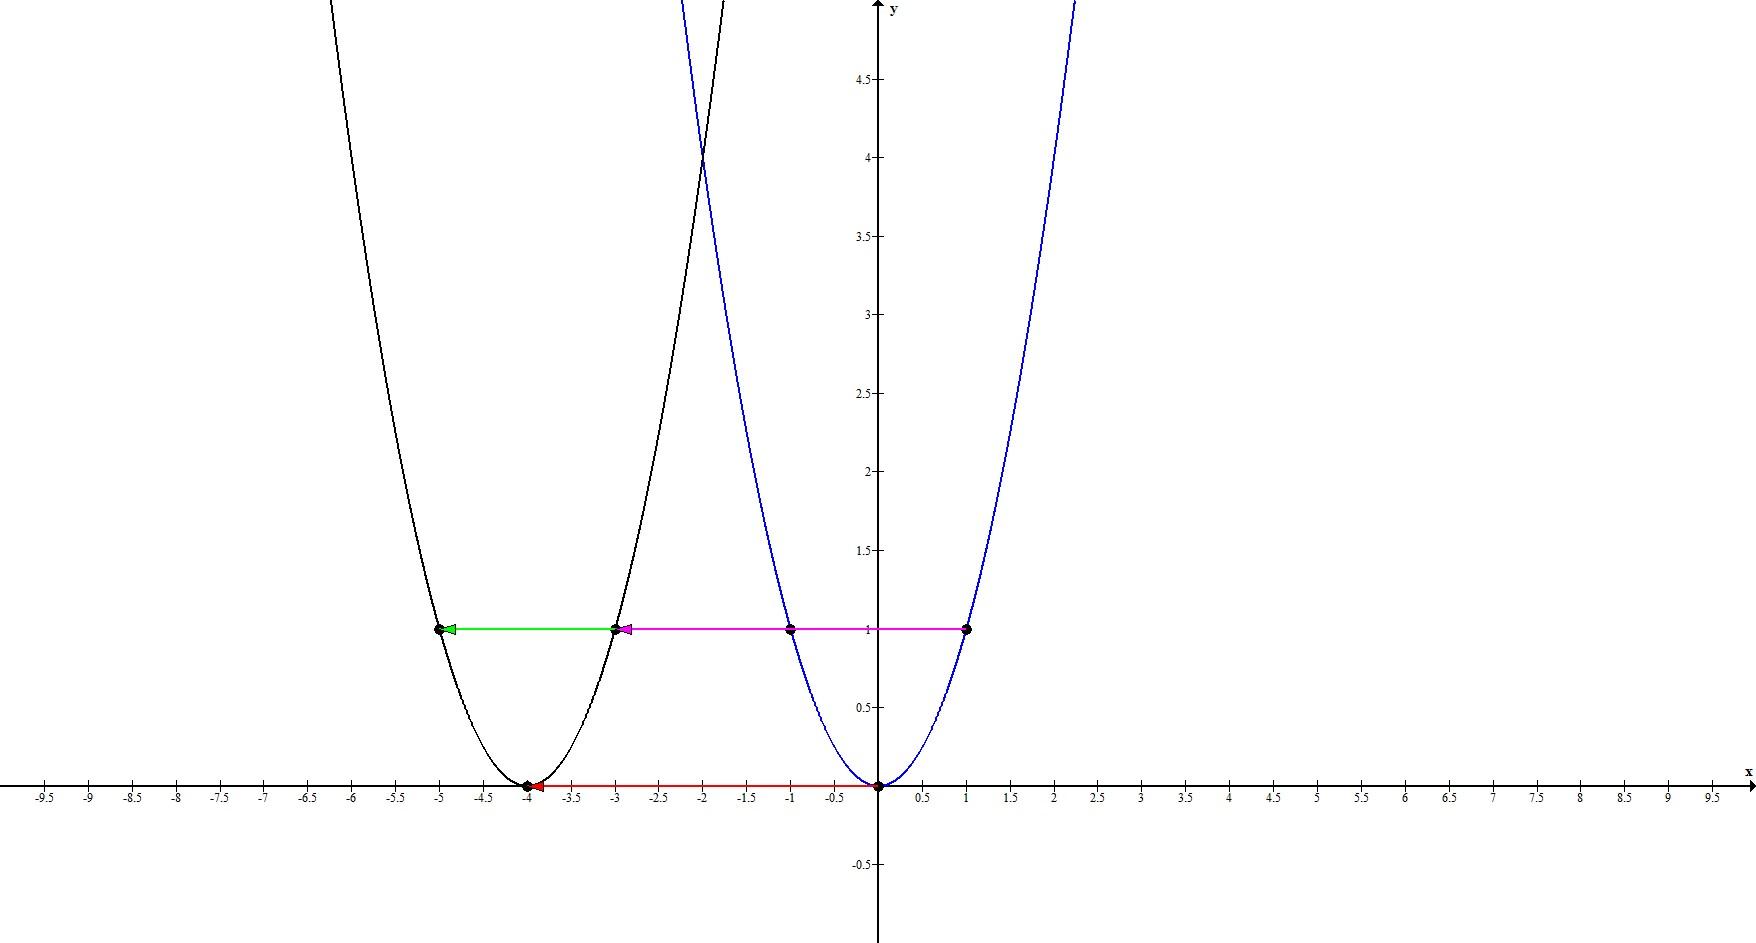 Геометрические преобразования. Параллельный перенос по Ох. Пример 1.